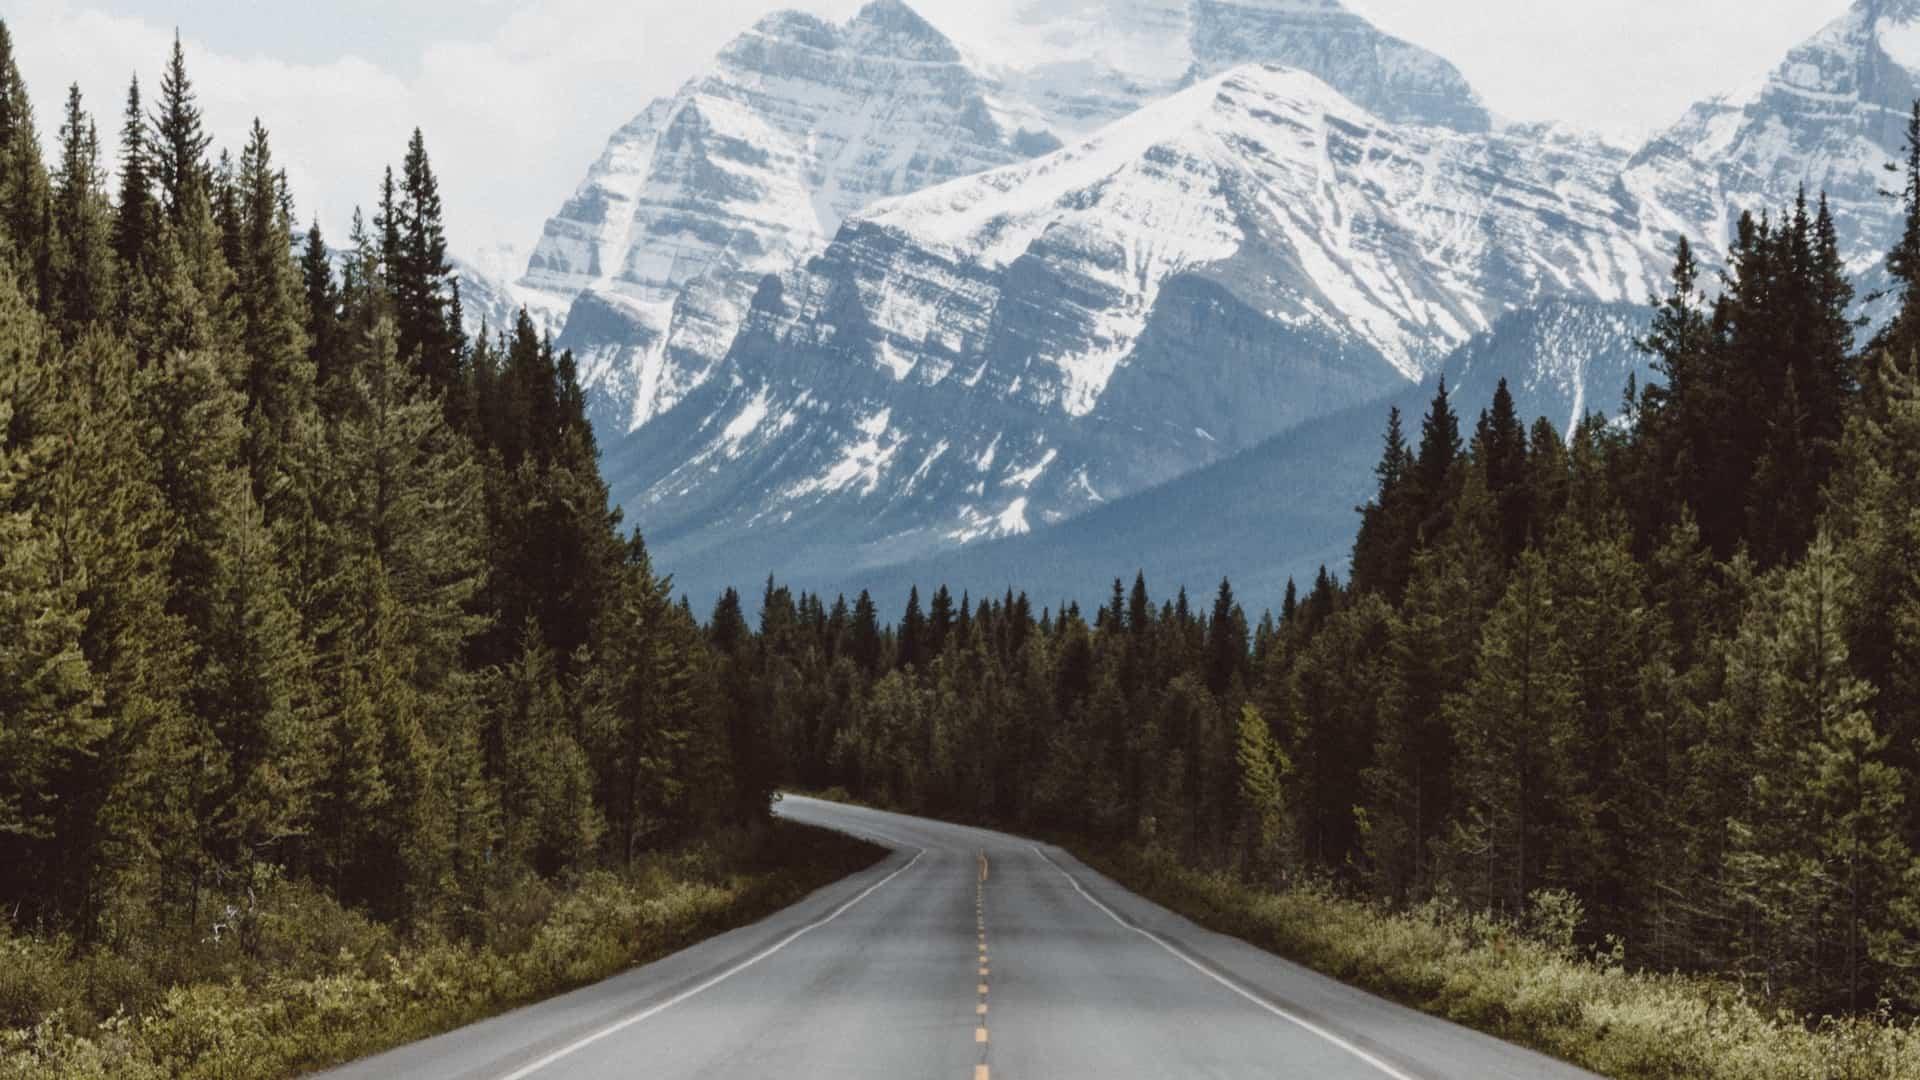 Carretera con árboles y montañas